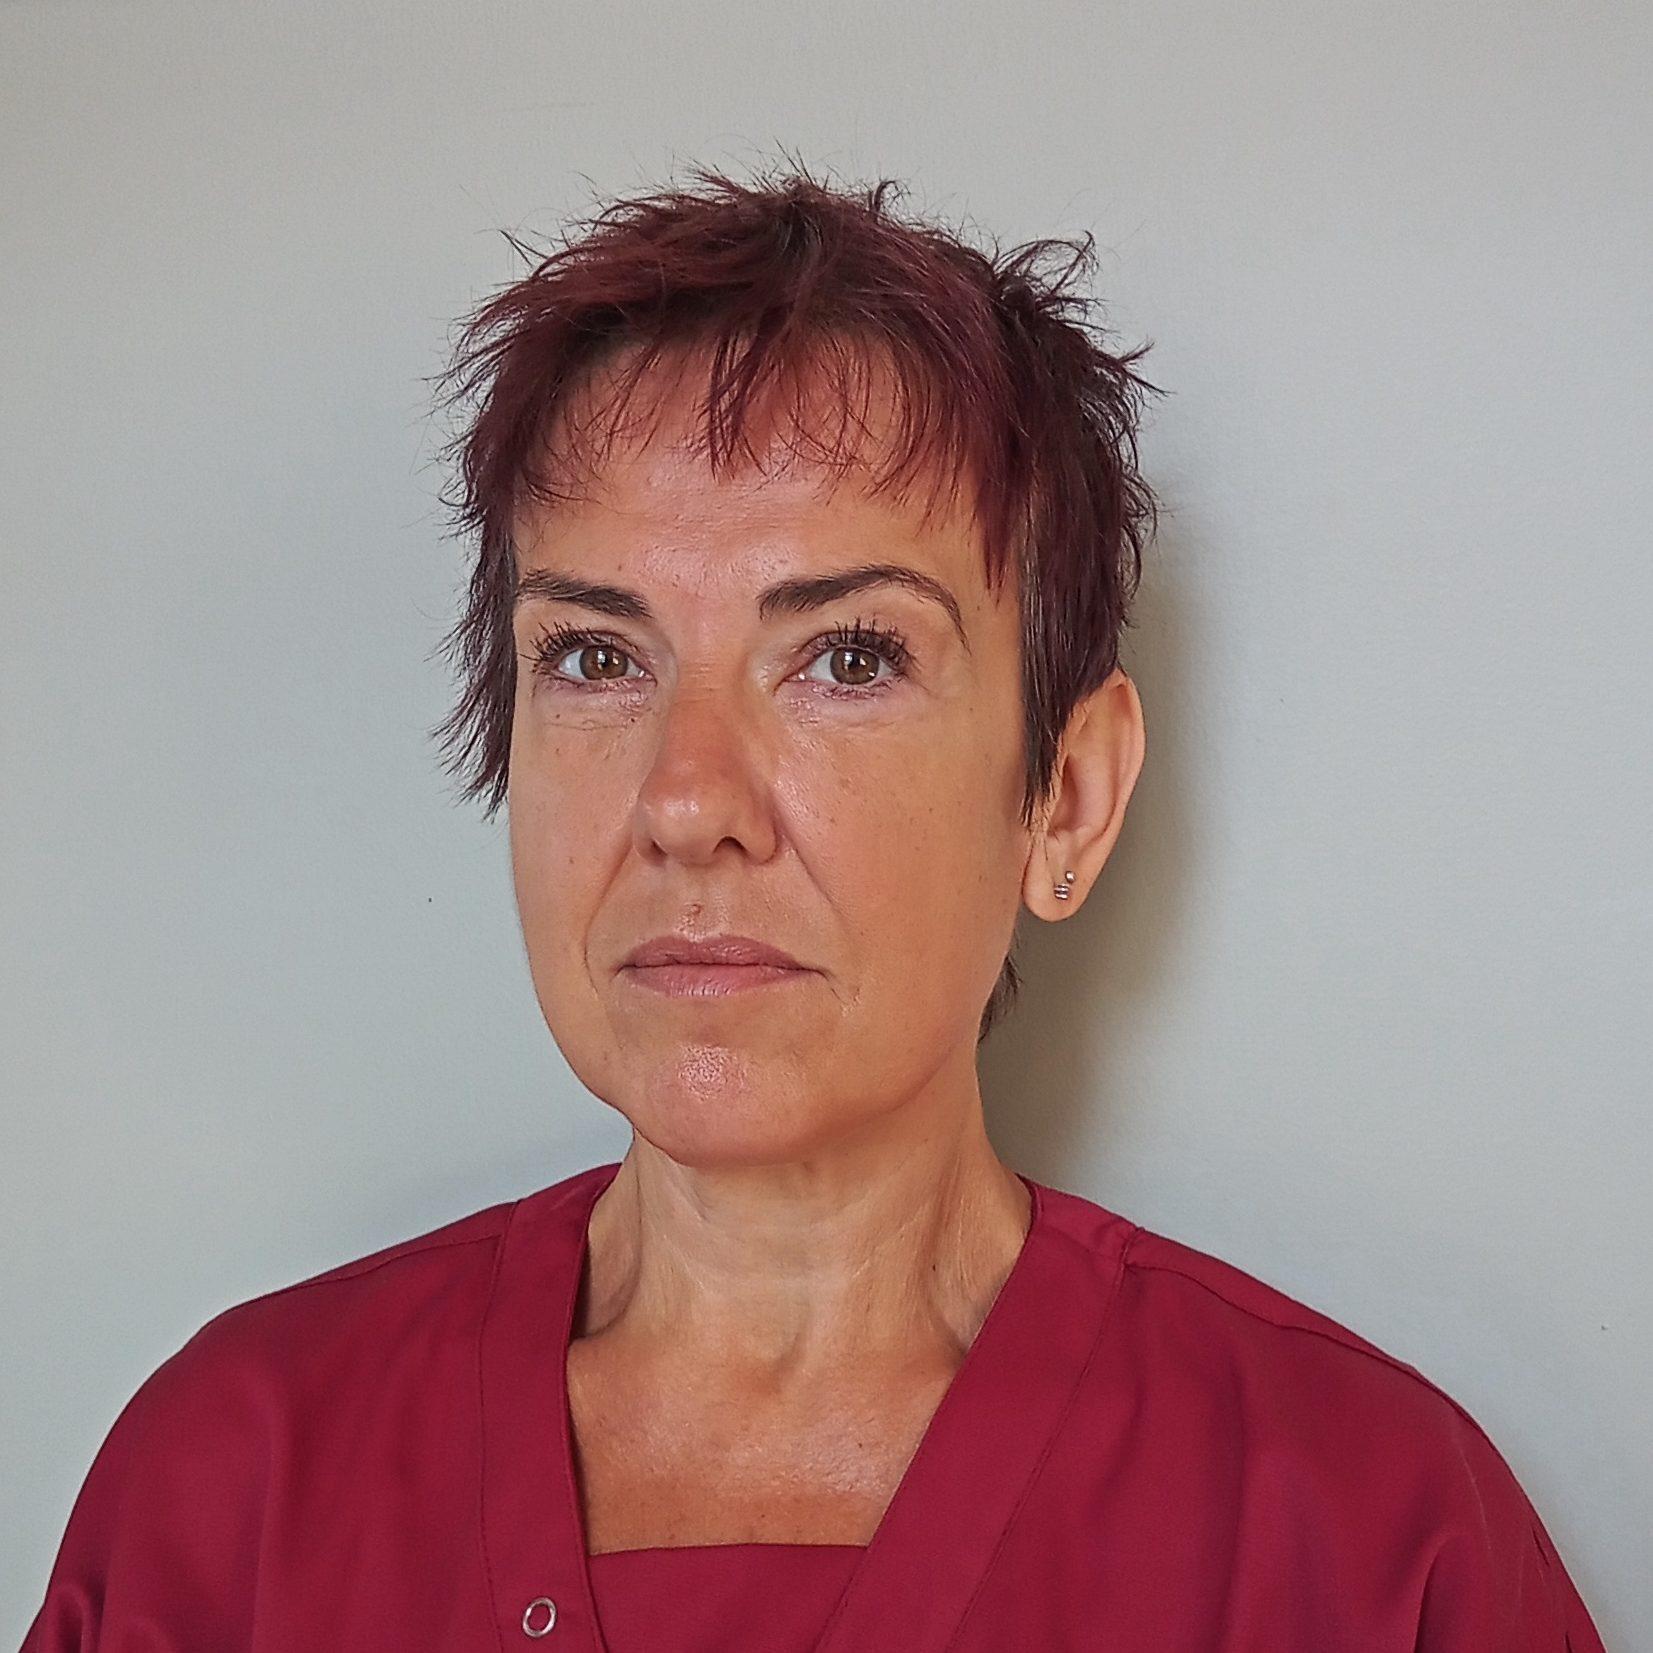 Rita Barresi